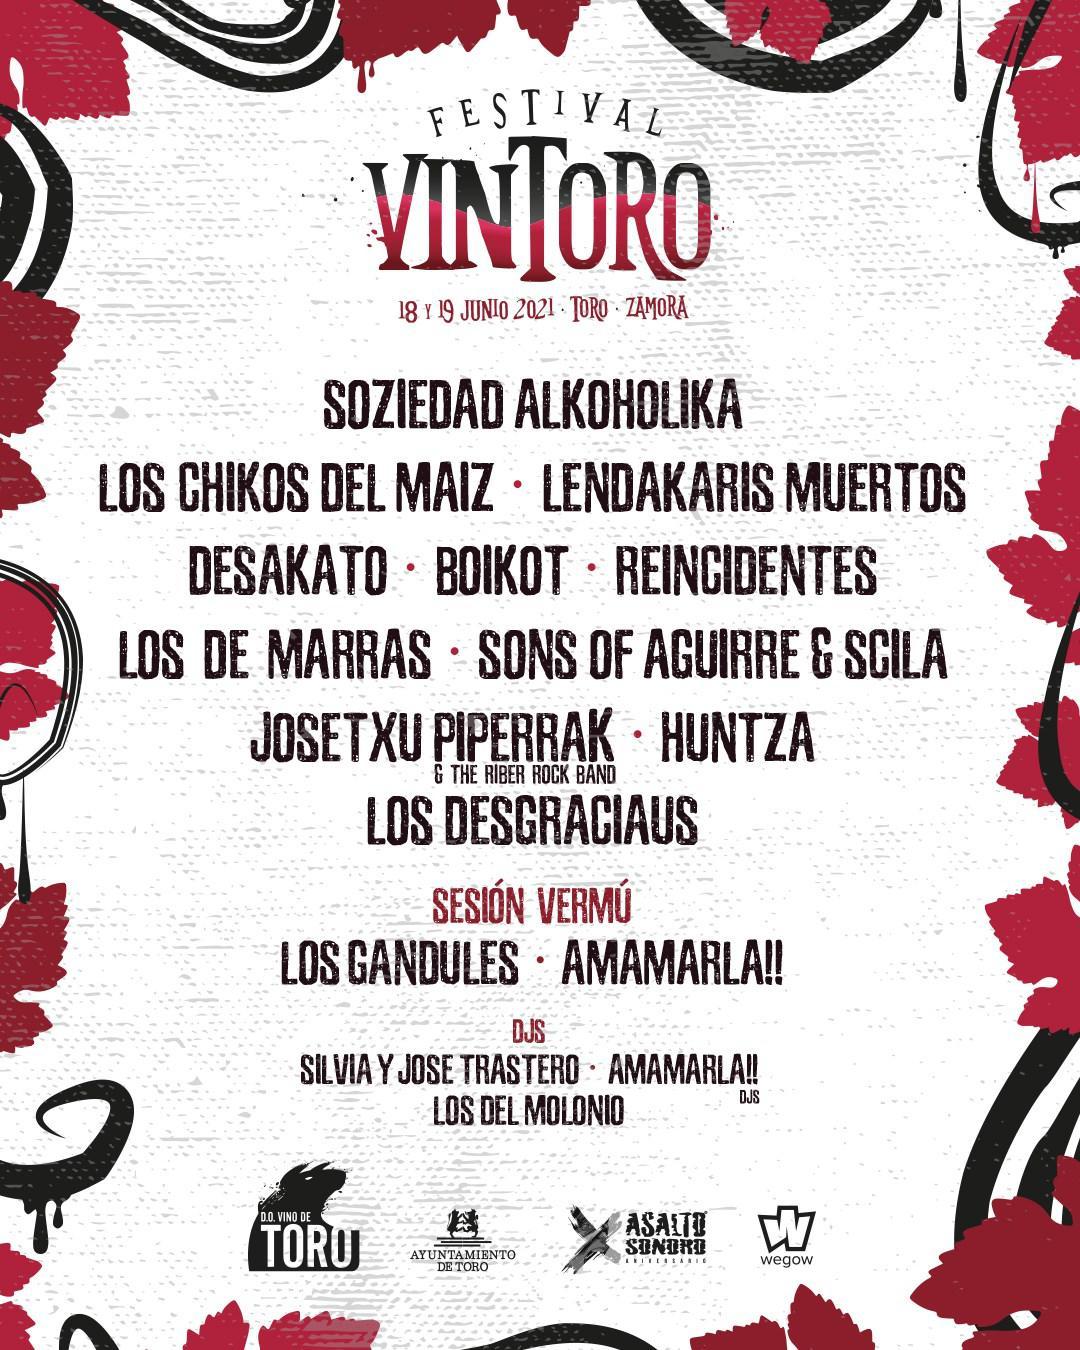 Festival Vintoro 2020